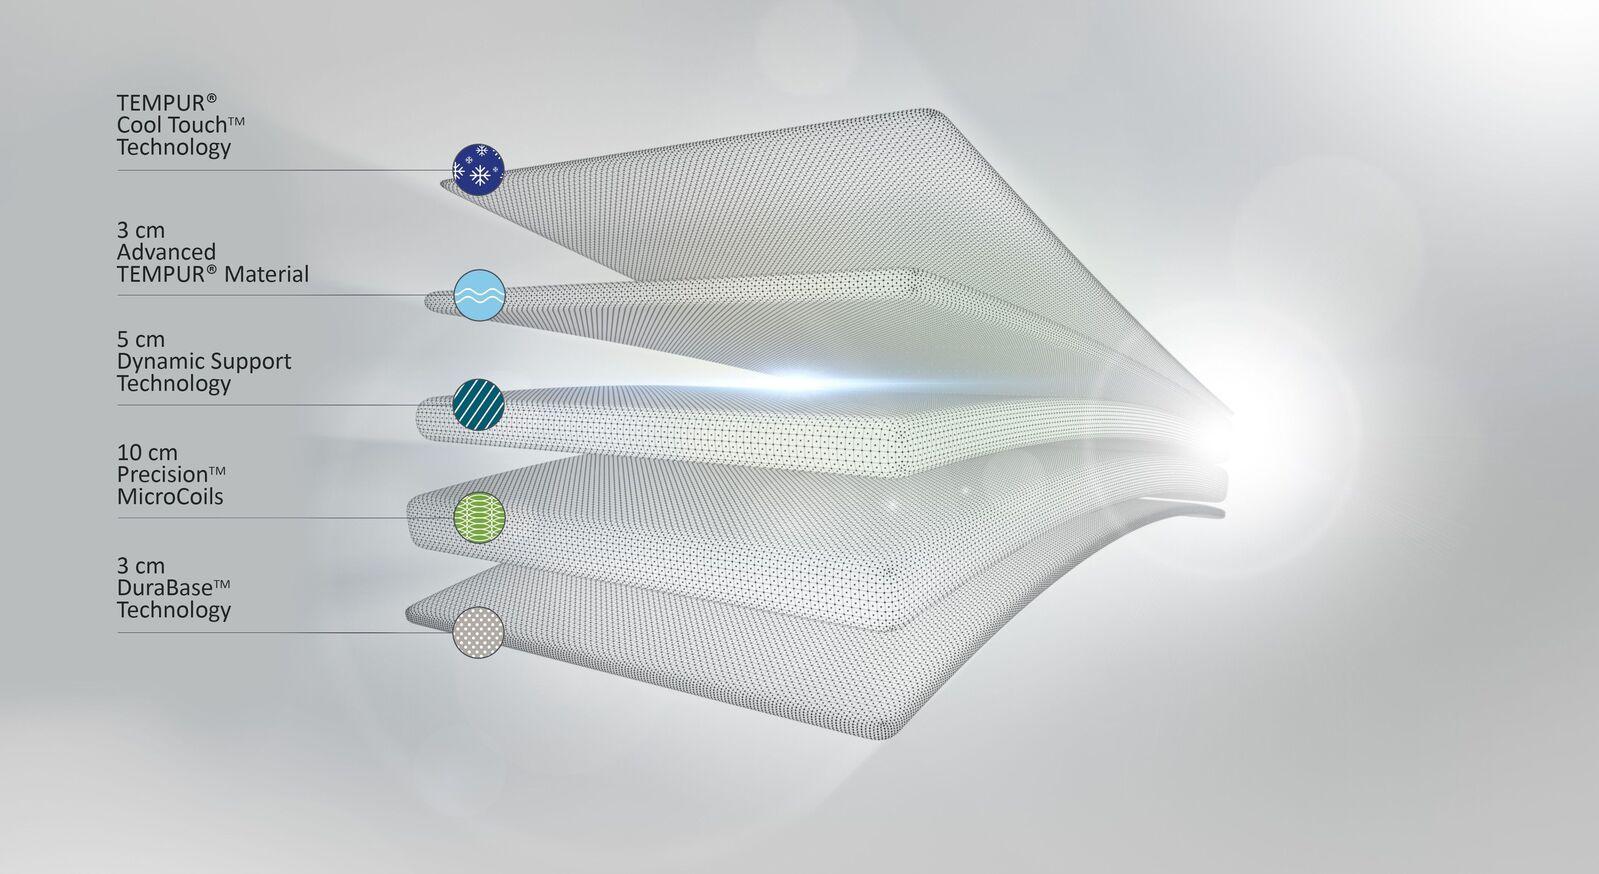 Taschenfederkern-Matratze TEMPUR Hybrid Supreme aus verschiedenen Komponenten